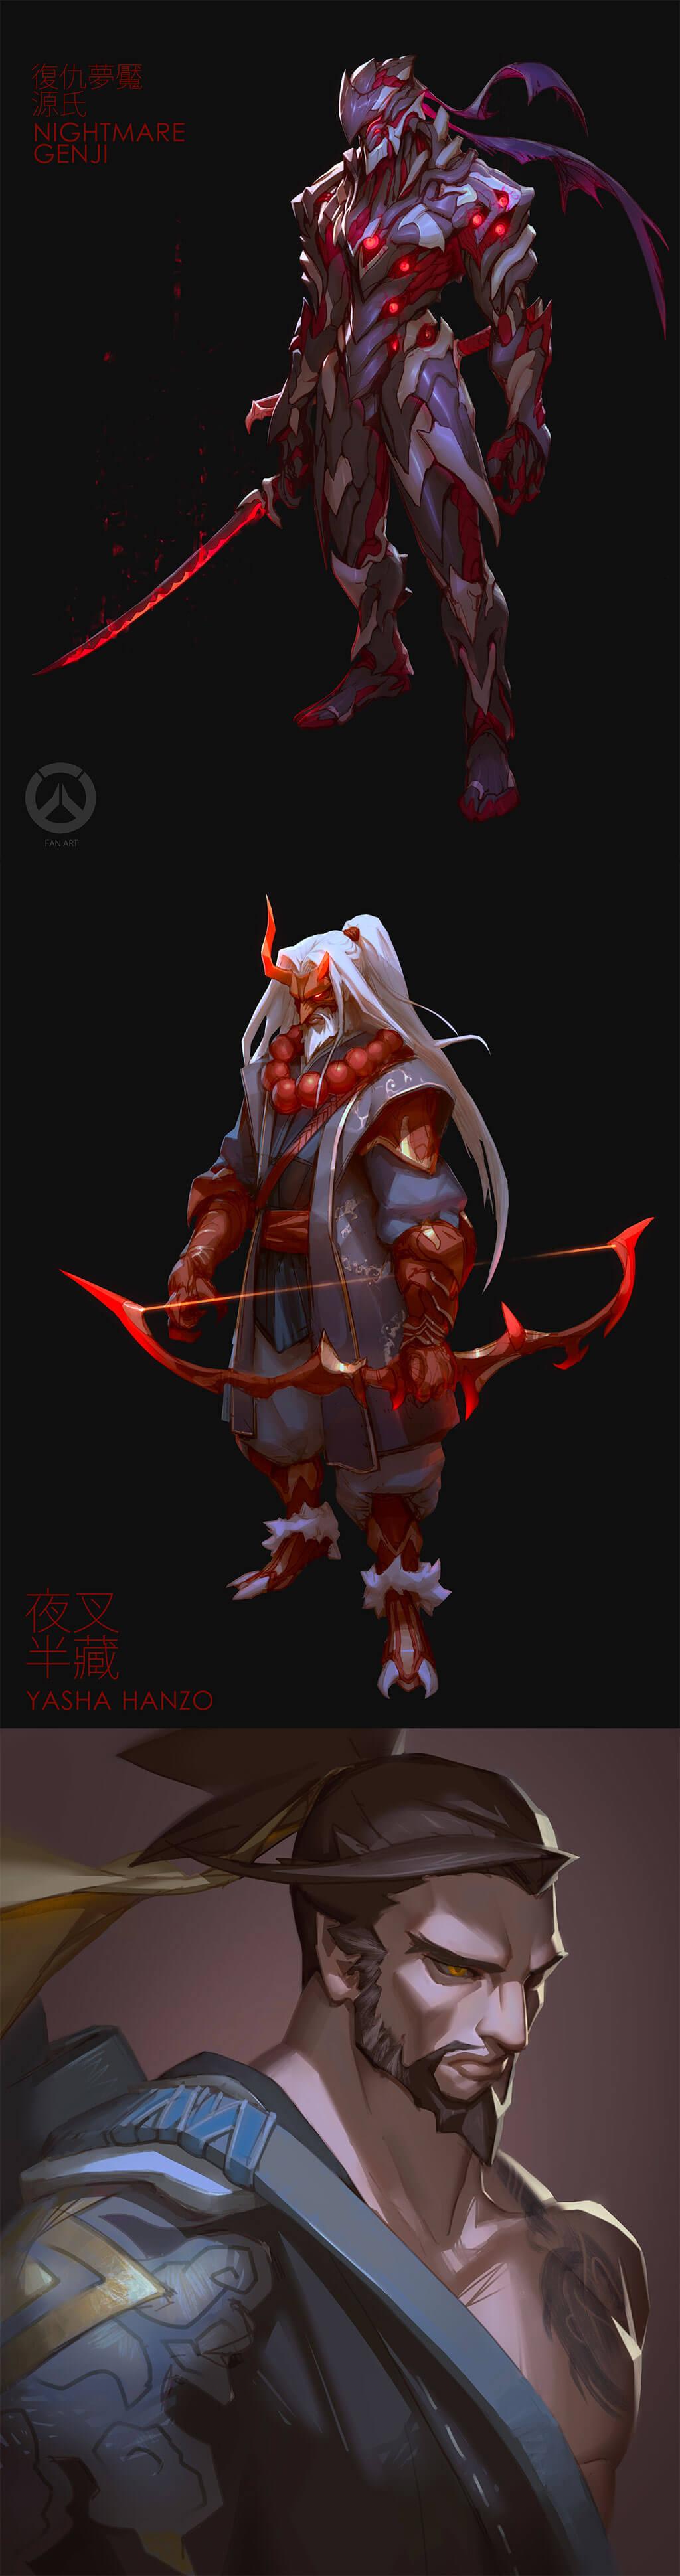 Genji Fan Art by Hui Zou